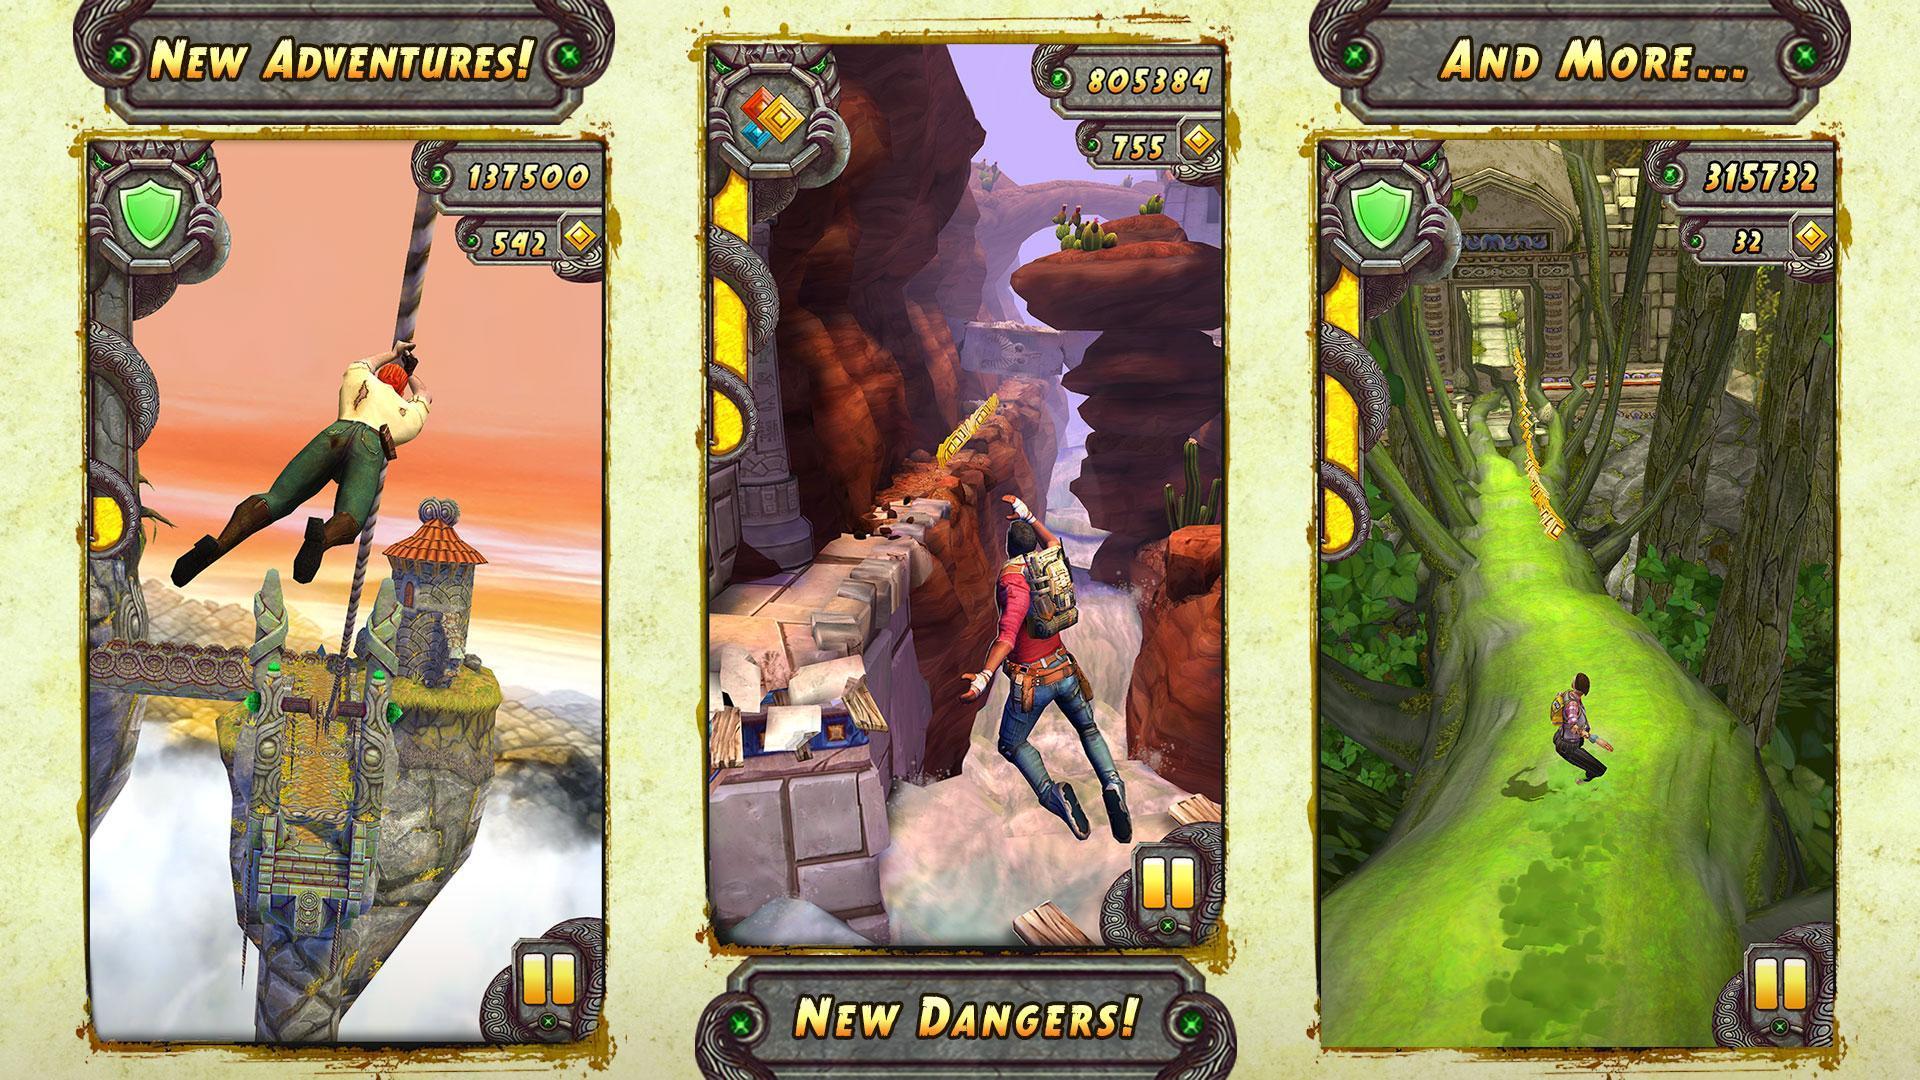 temple run 2 game offline 15 Rekomendasi Game Offline Android Terbaik 2020 Temple Run 2